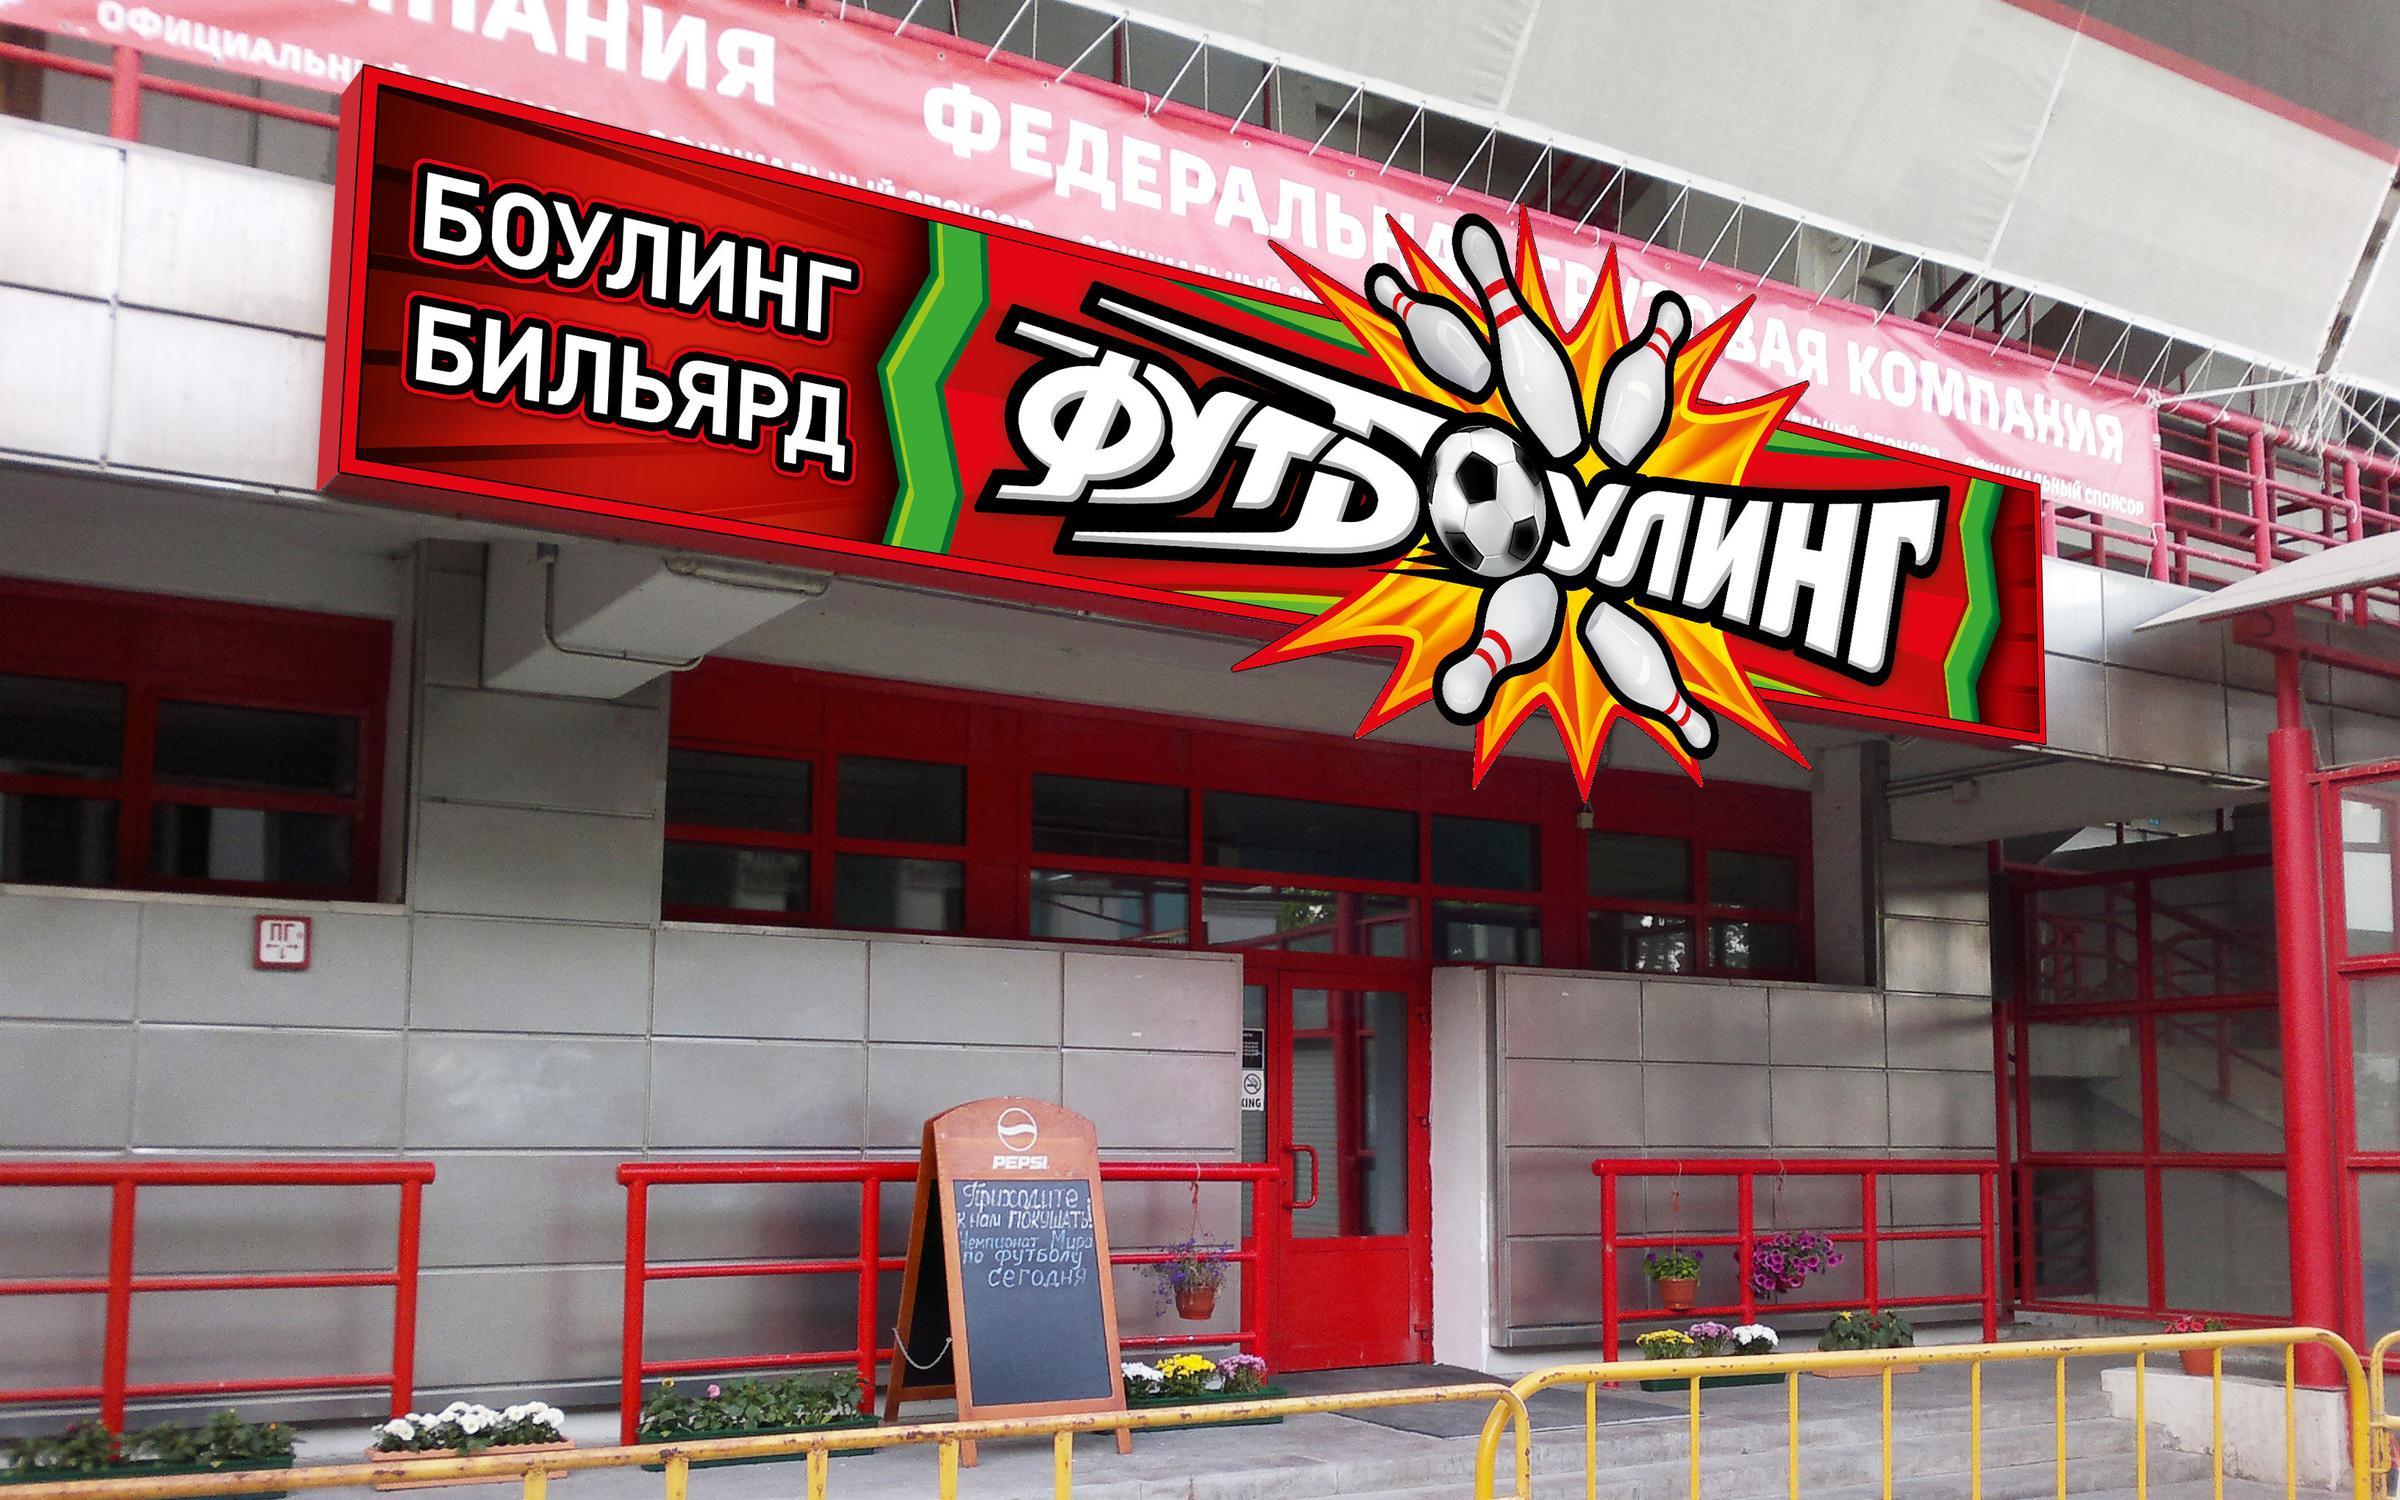 фотография Развлекательного центра Футбоулинг на стадионе Локомотив